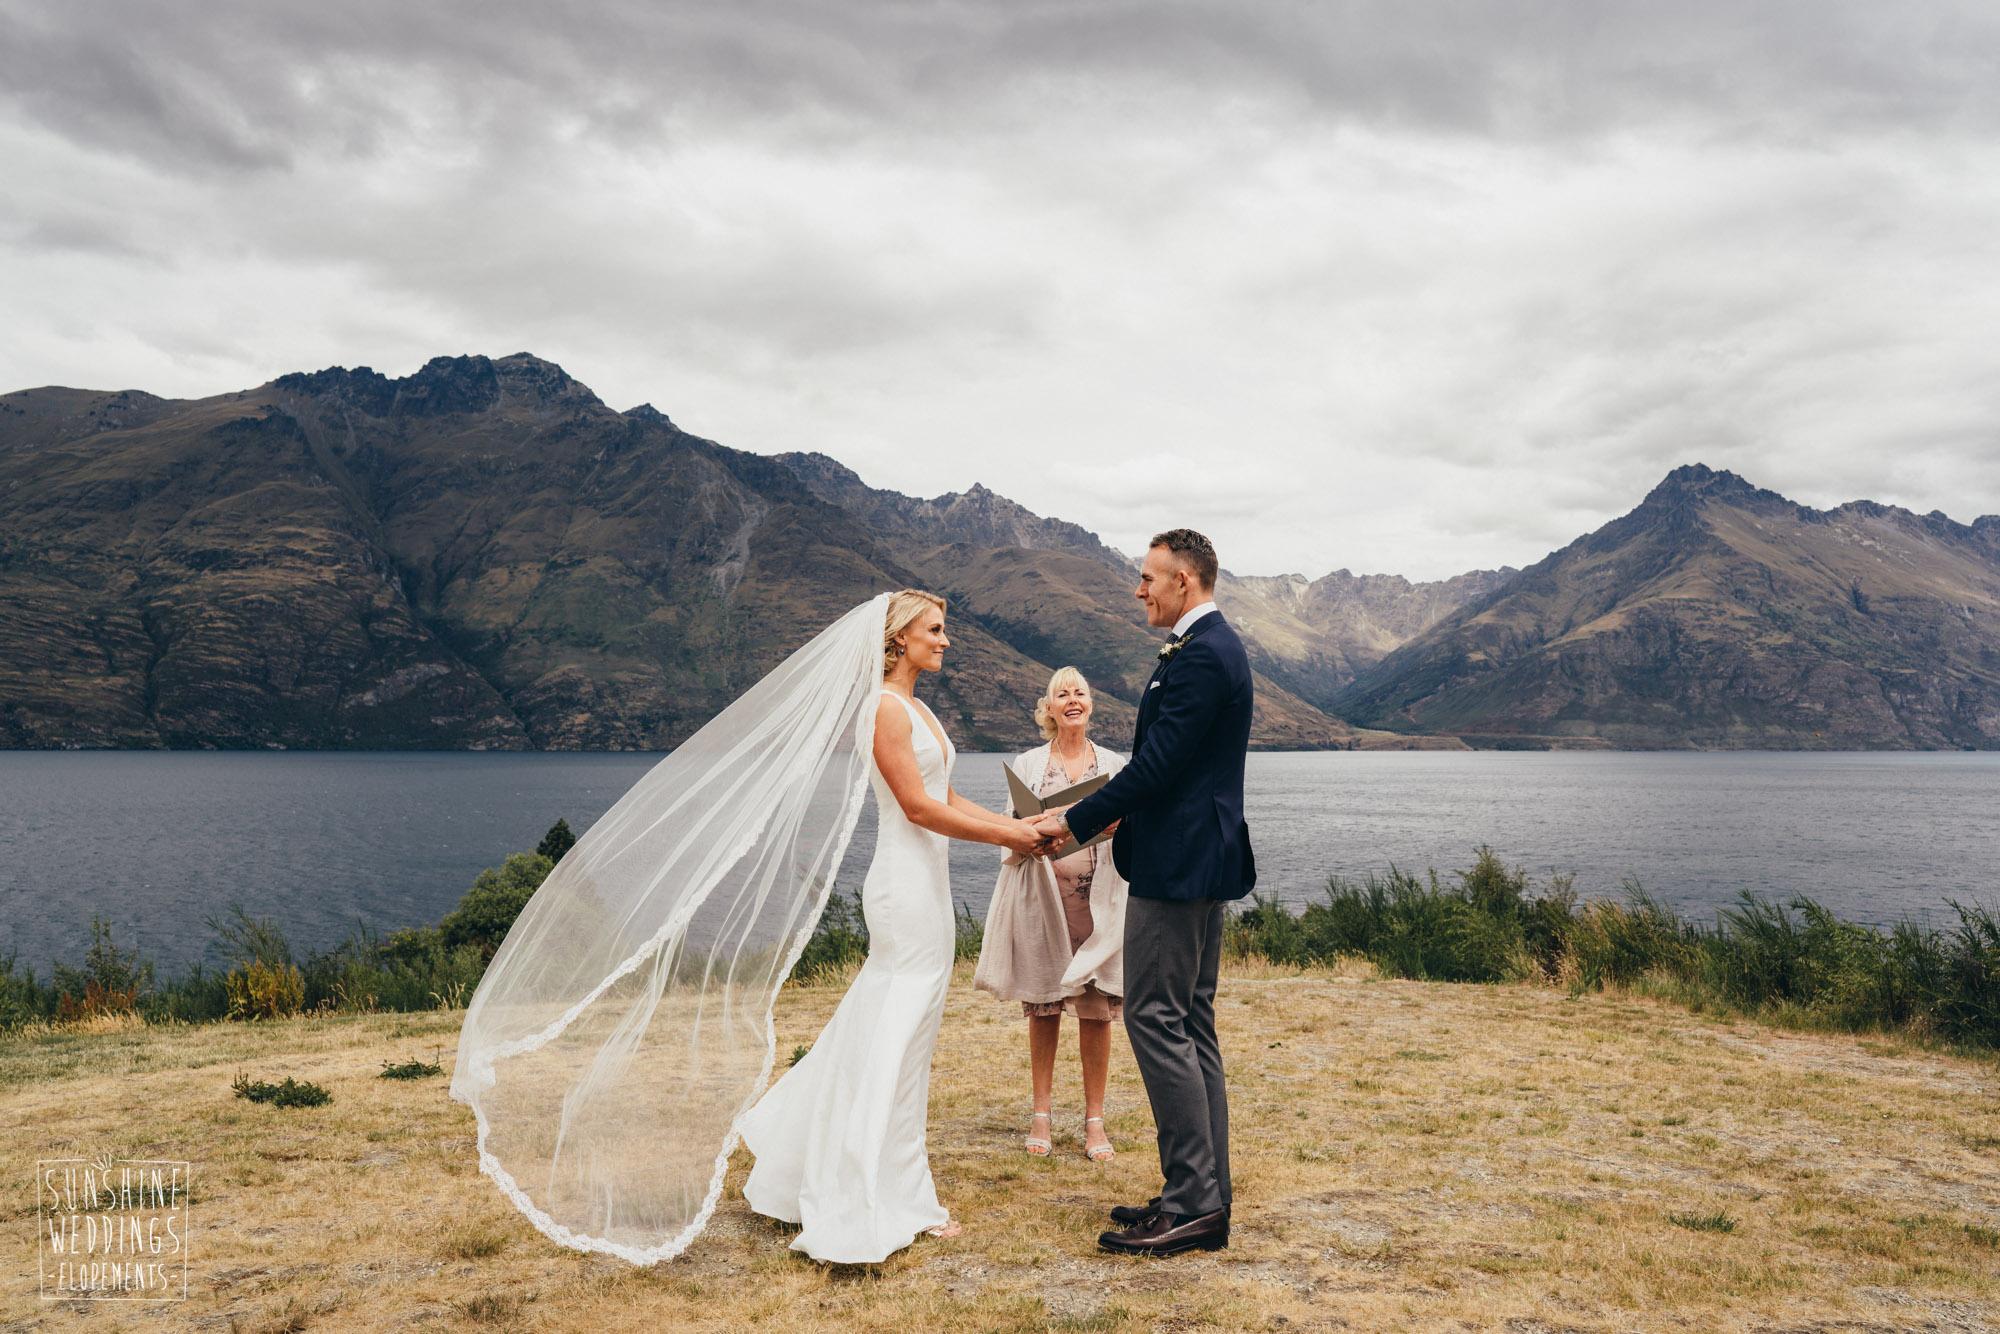 Lake Wakatipu wedding ceremony